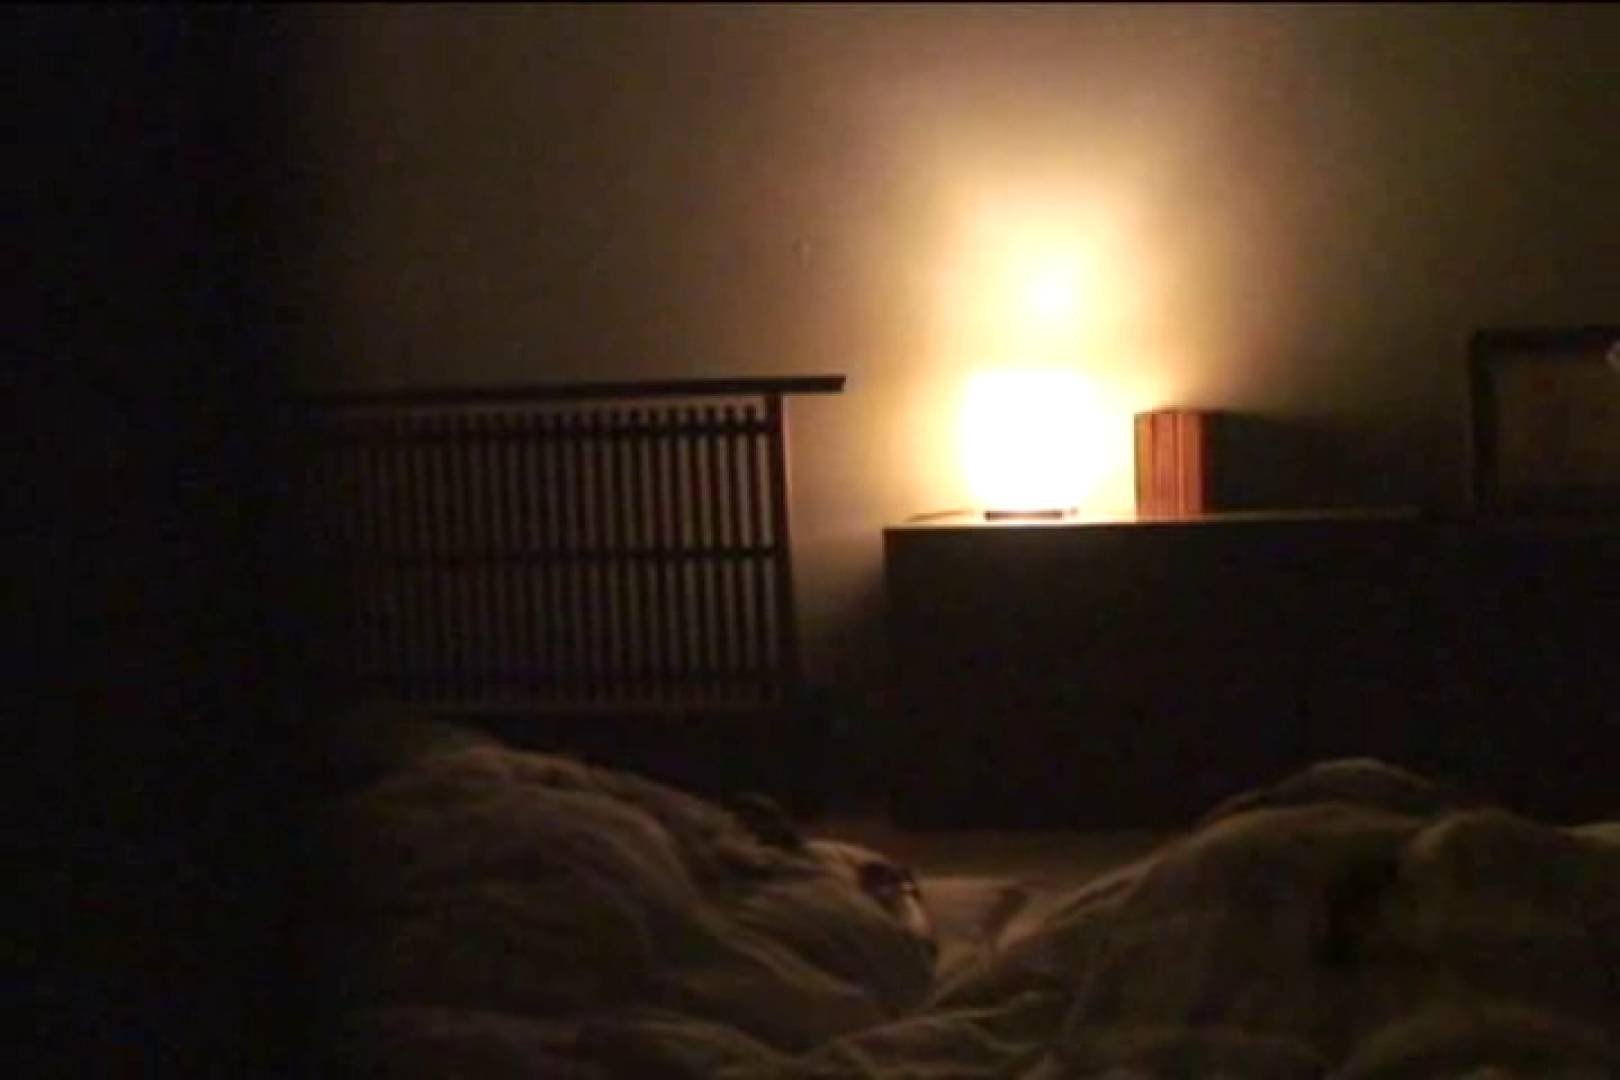 暗躍する夜這い師達Vol.6 OLセックス 覗きスケベ動画紹介 100画像 98